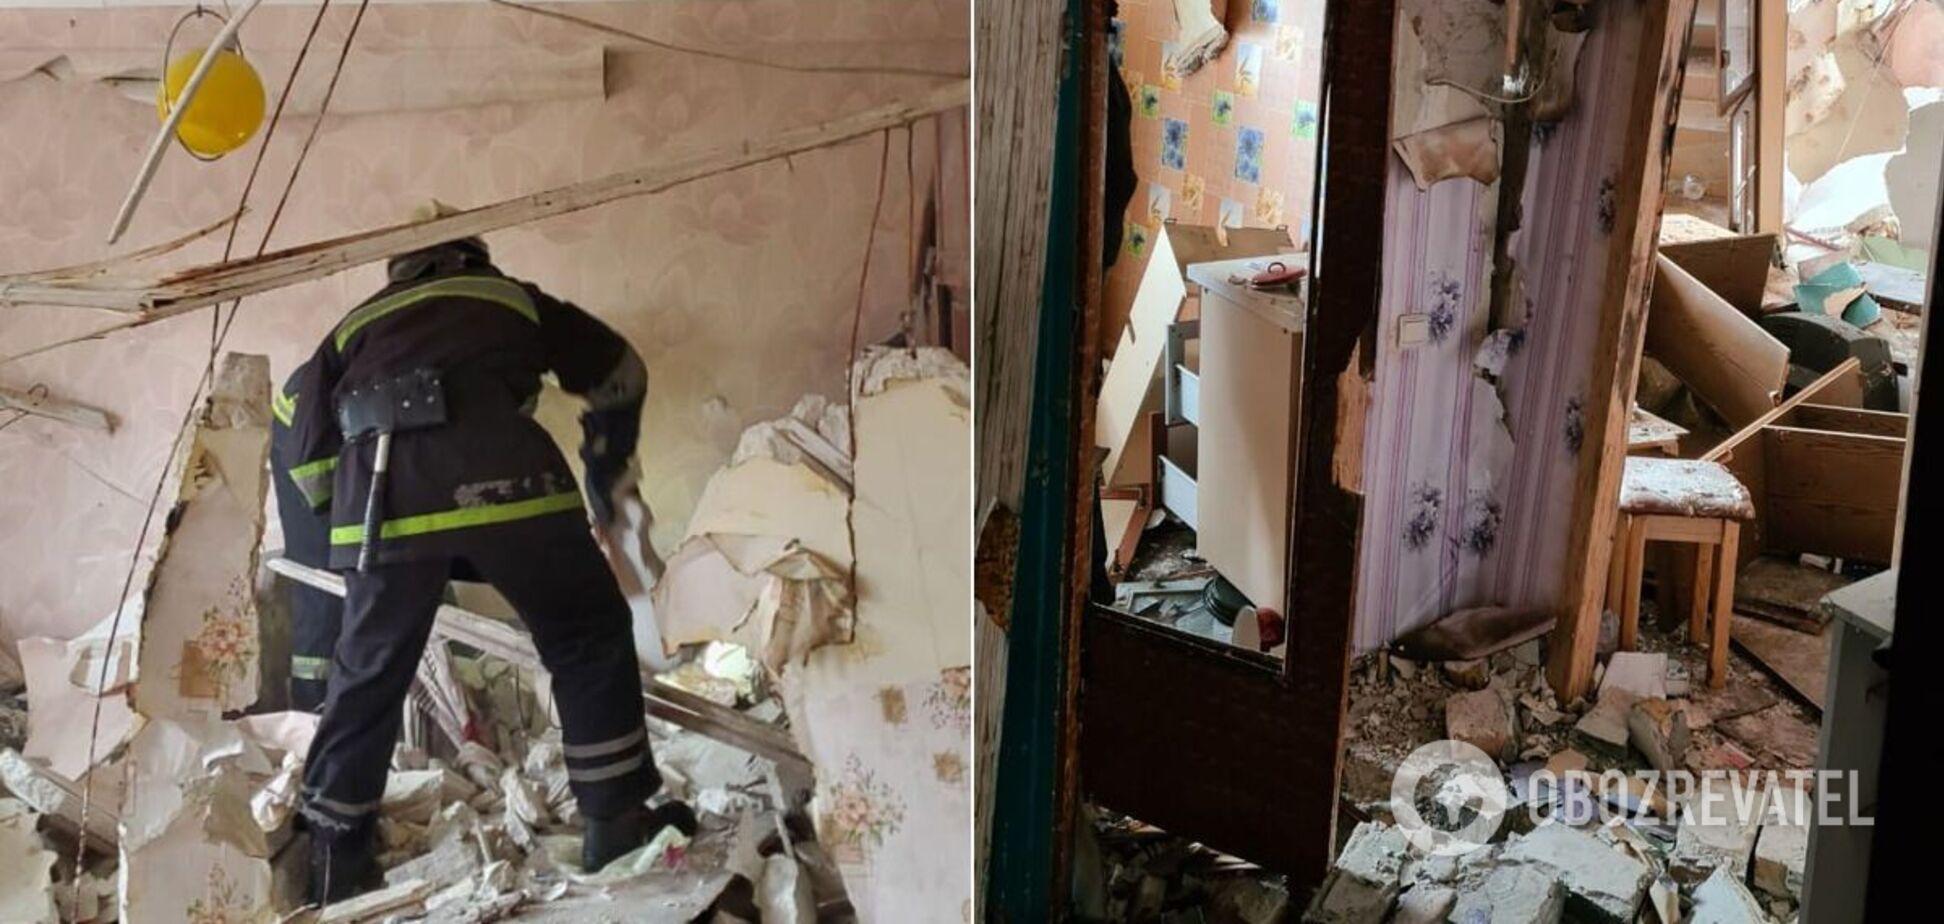 Под Днепром произошел взрыв в доме, пострадал подросток. Фото и видео